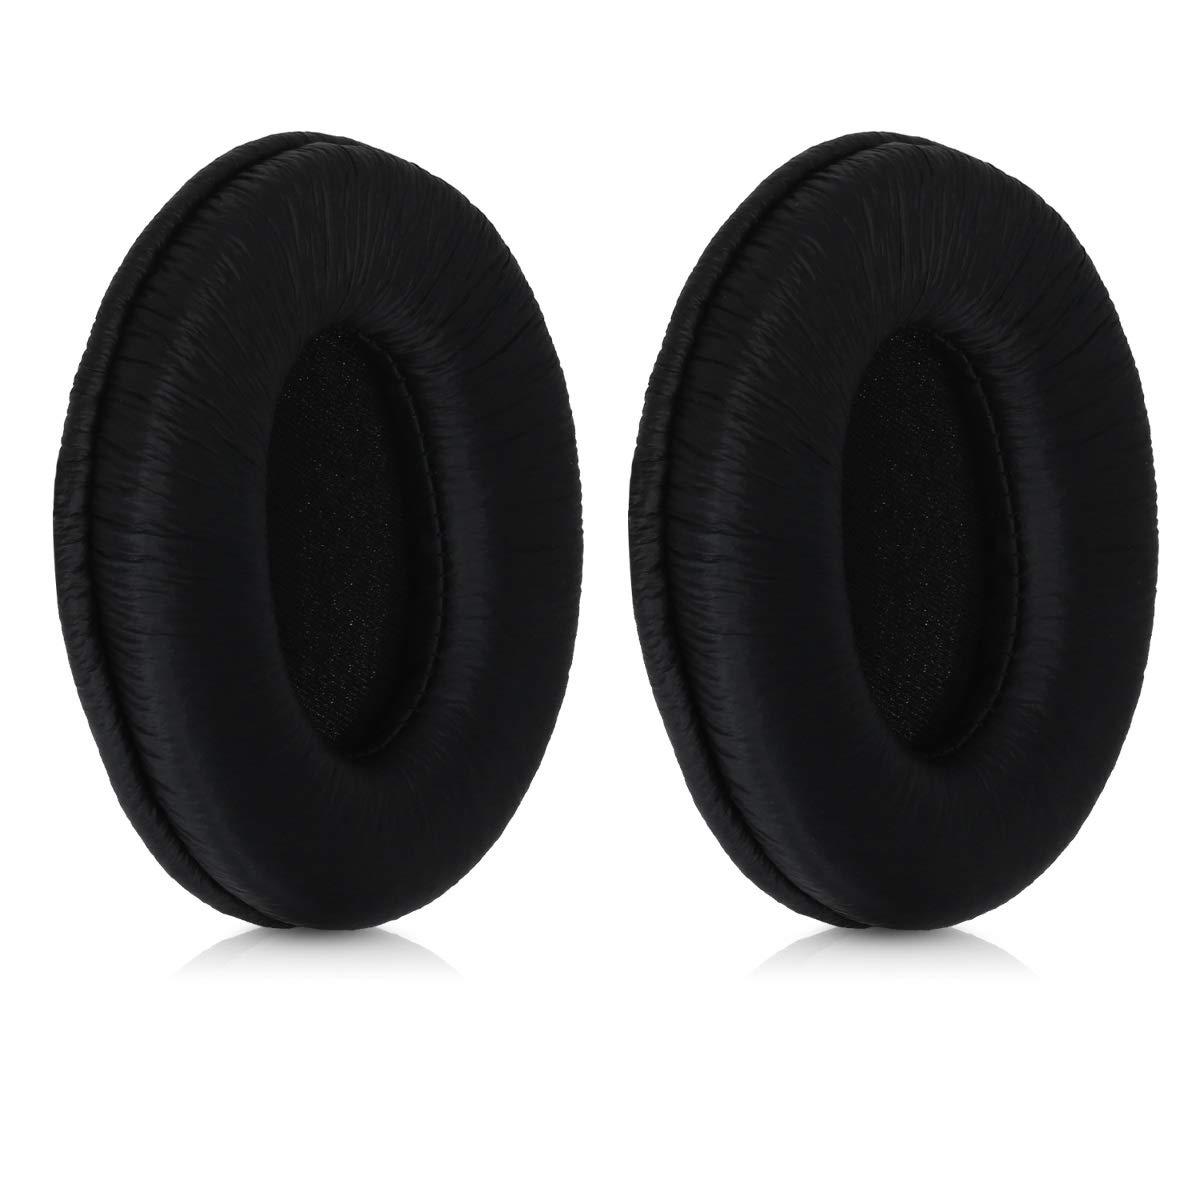 Almohadillas Auriculares BOSE QUIETCOMFORT 1 / QC1 - PU LEAT